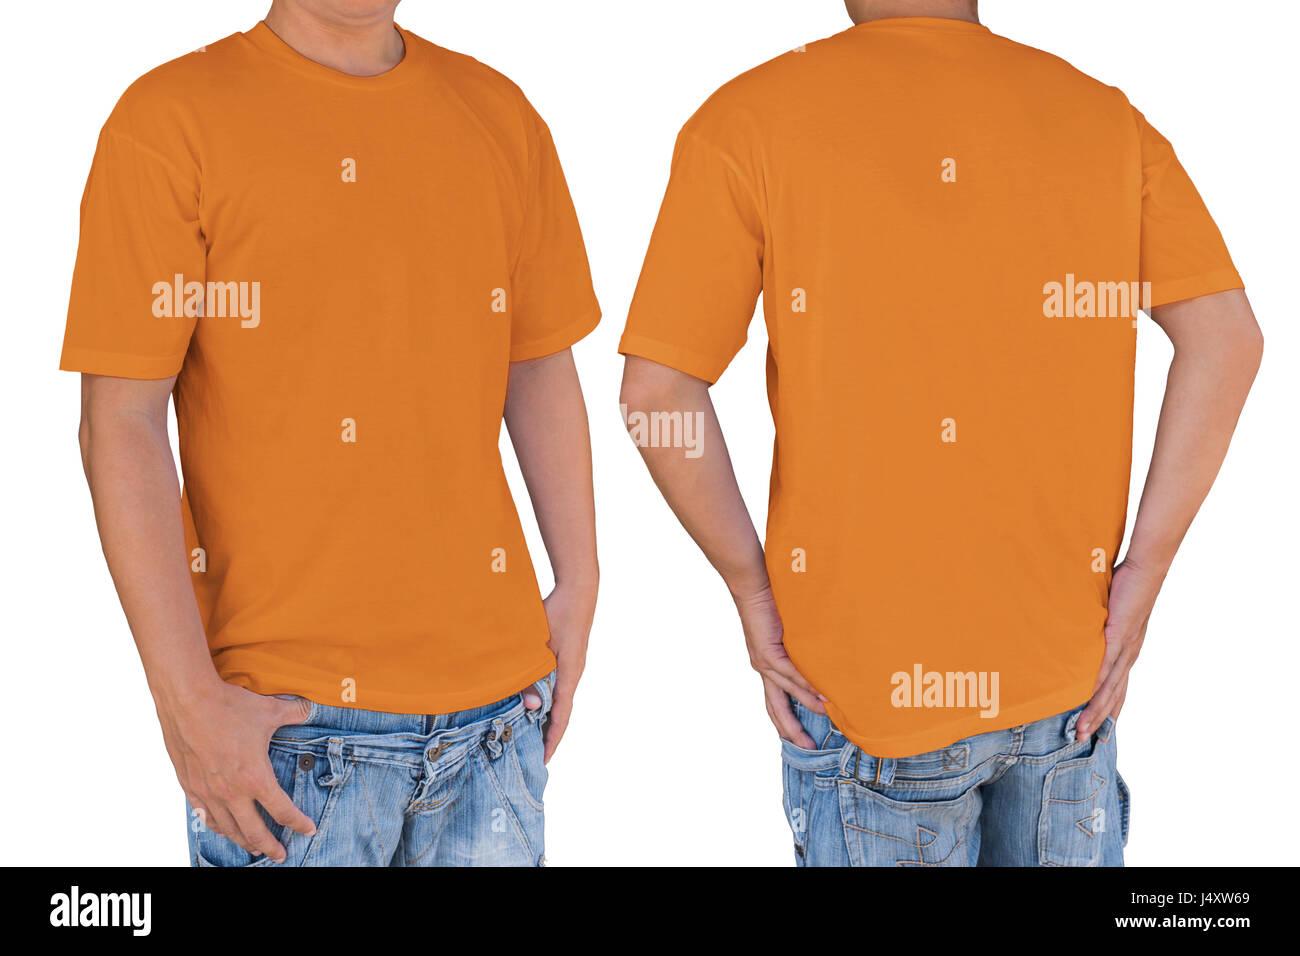 Hombre vestidos de blanco camiseta naranja brillante con trazado de ...